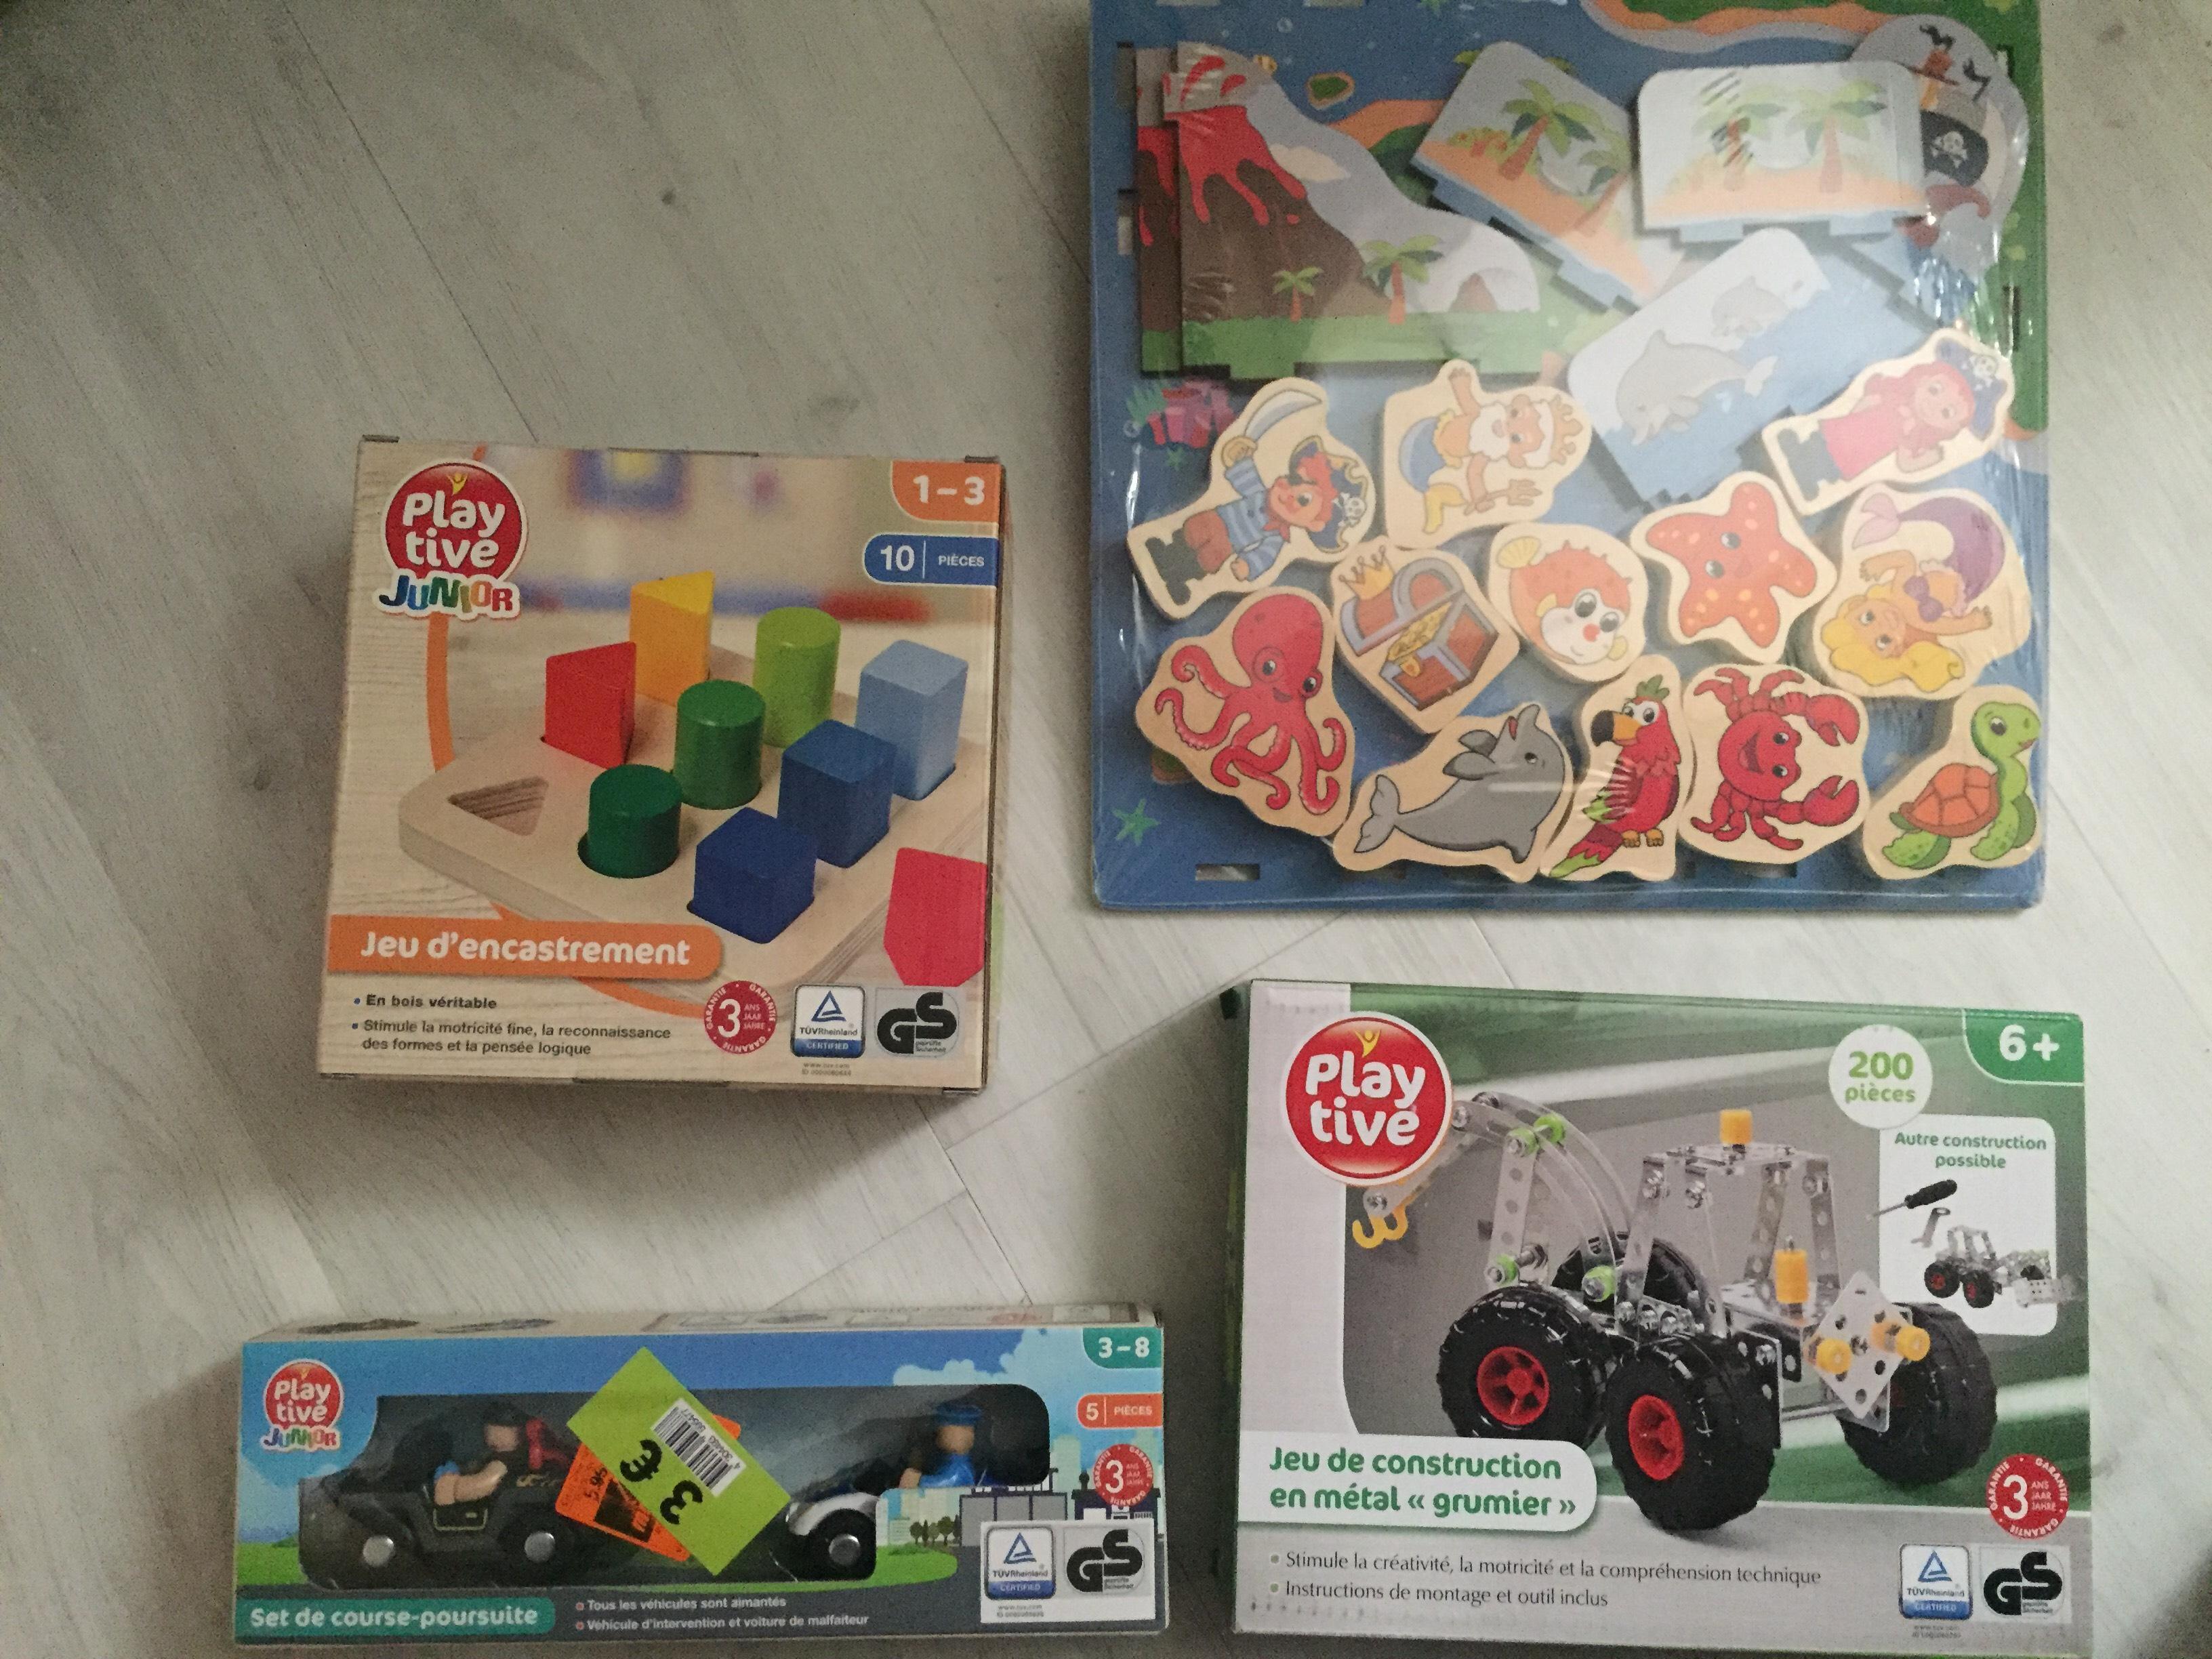 Sélection de Puzzles, Jeux de constructions, Jeux d'encastrements à 3€ -  Gravigny 27